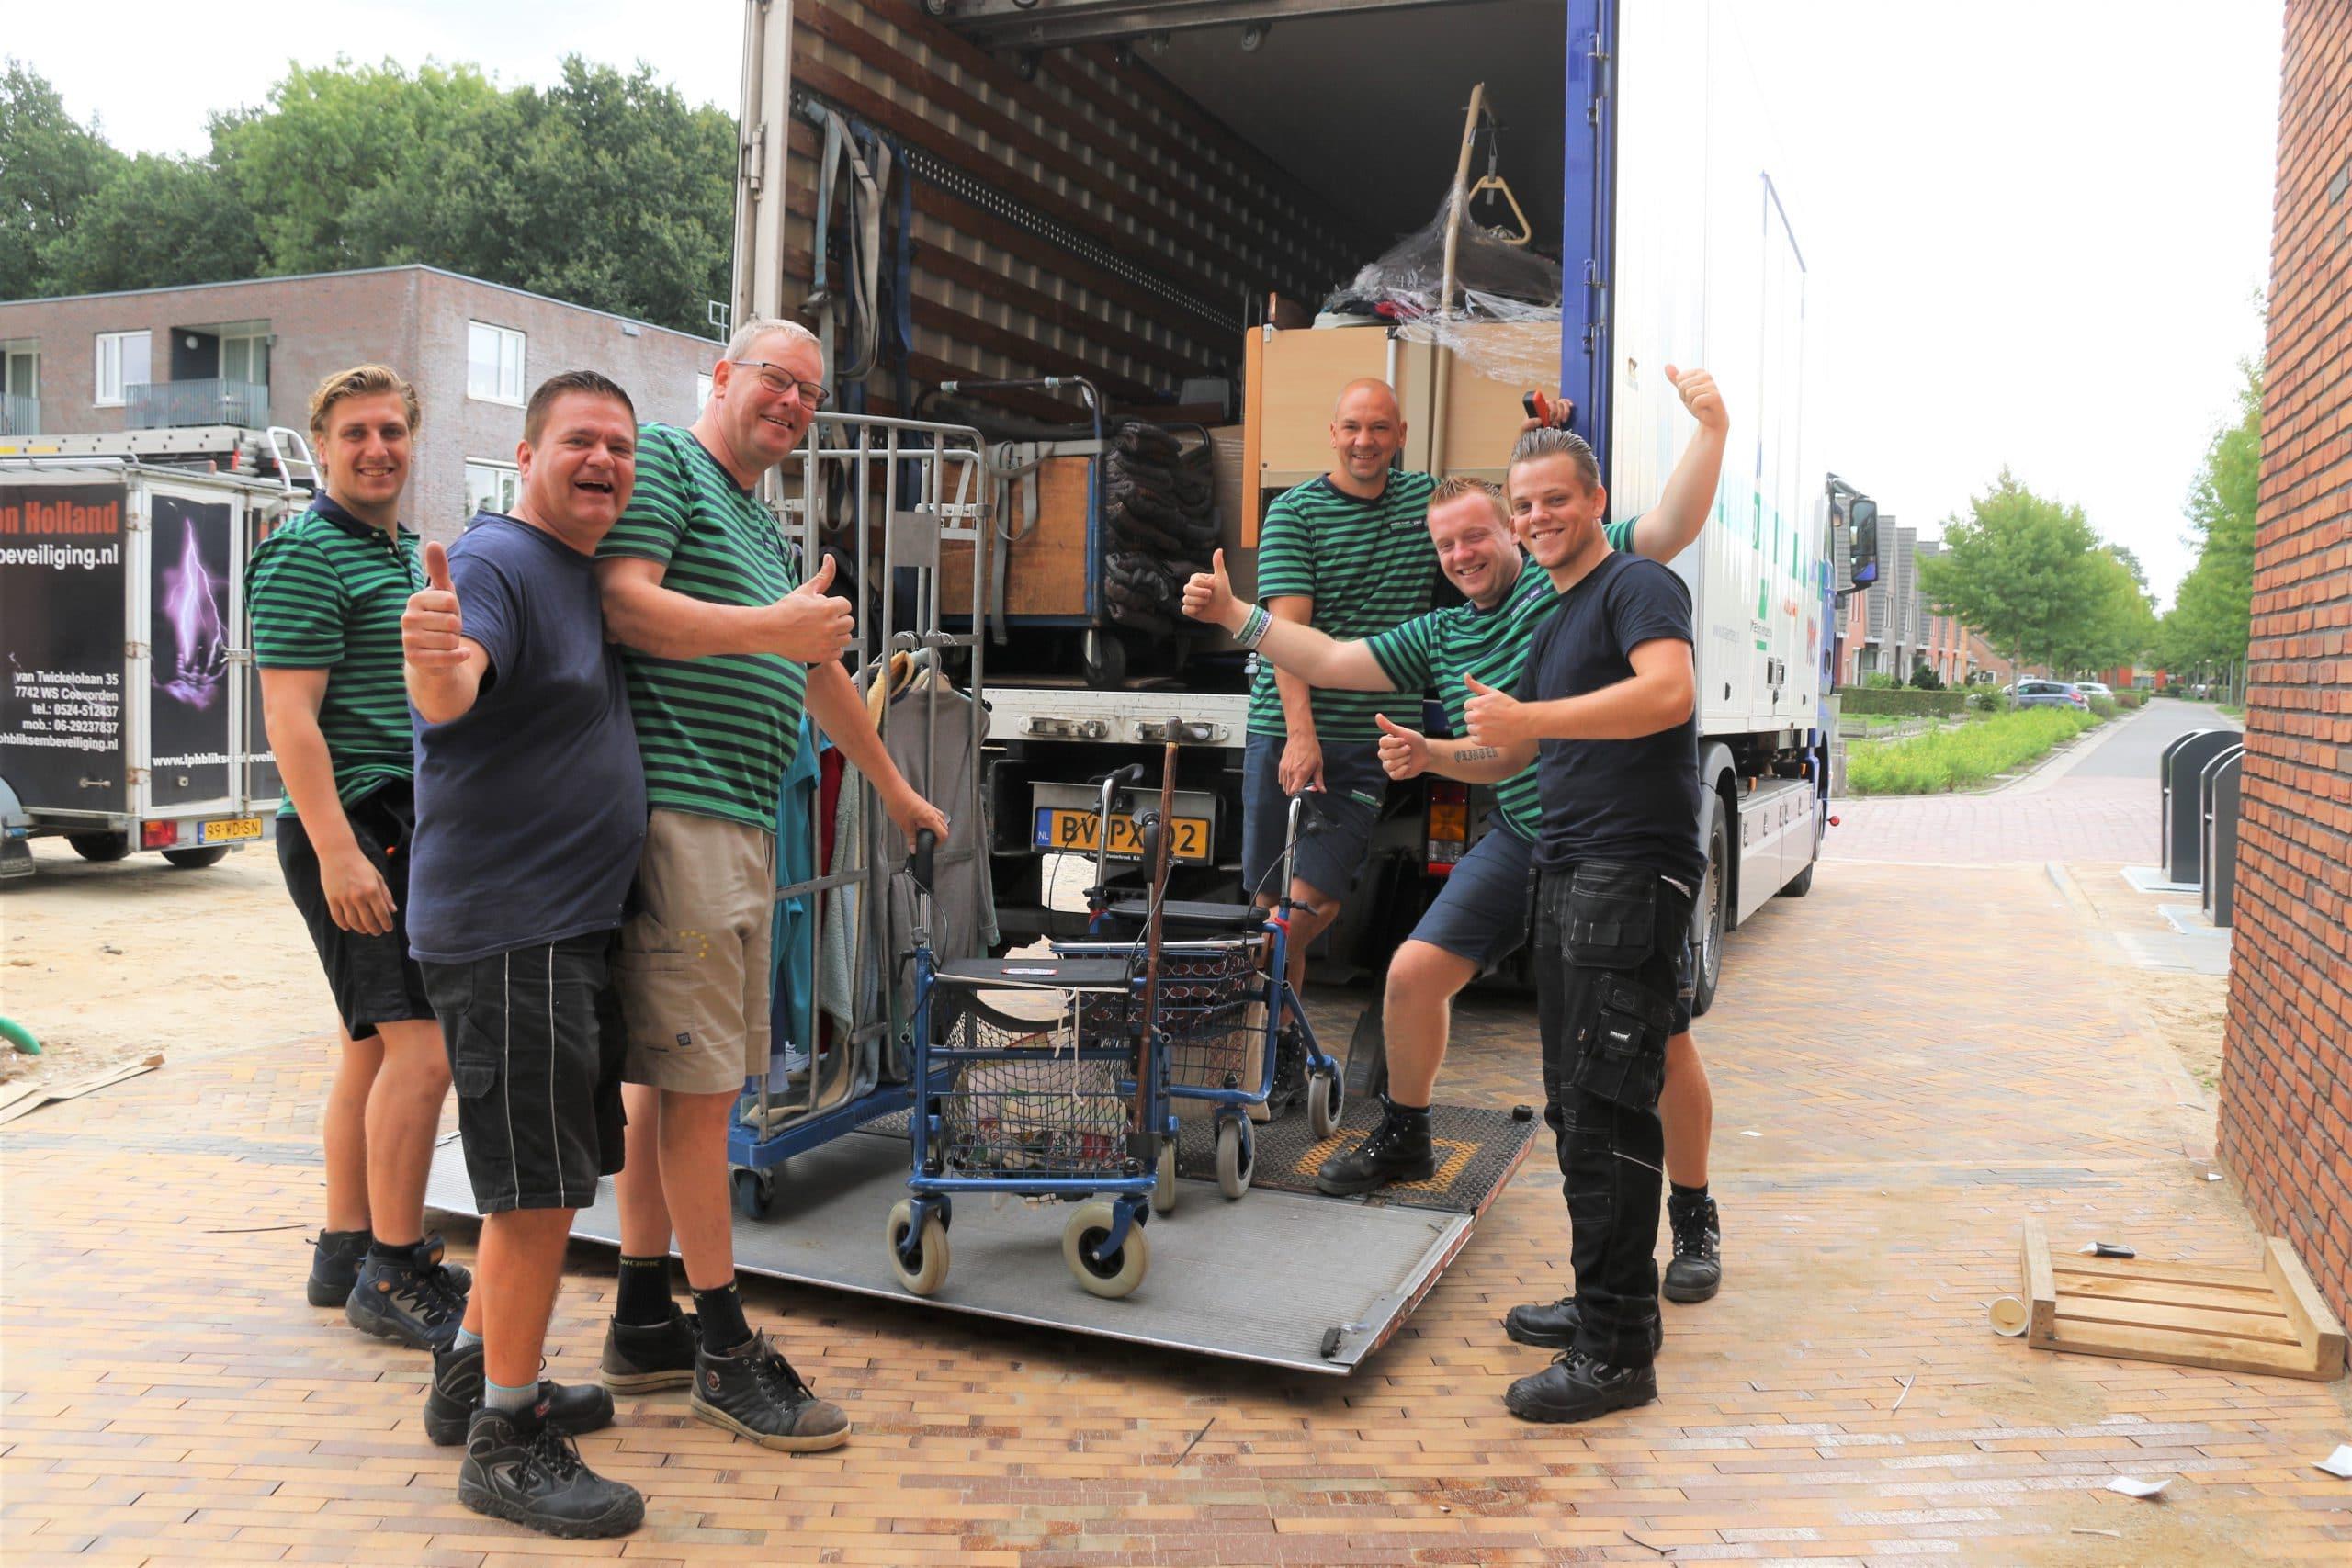 Zorgverhuizer Mondial Oostland Verhuizingen verhuist zorginstelling De Borgerhof te Borger